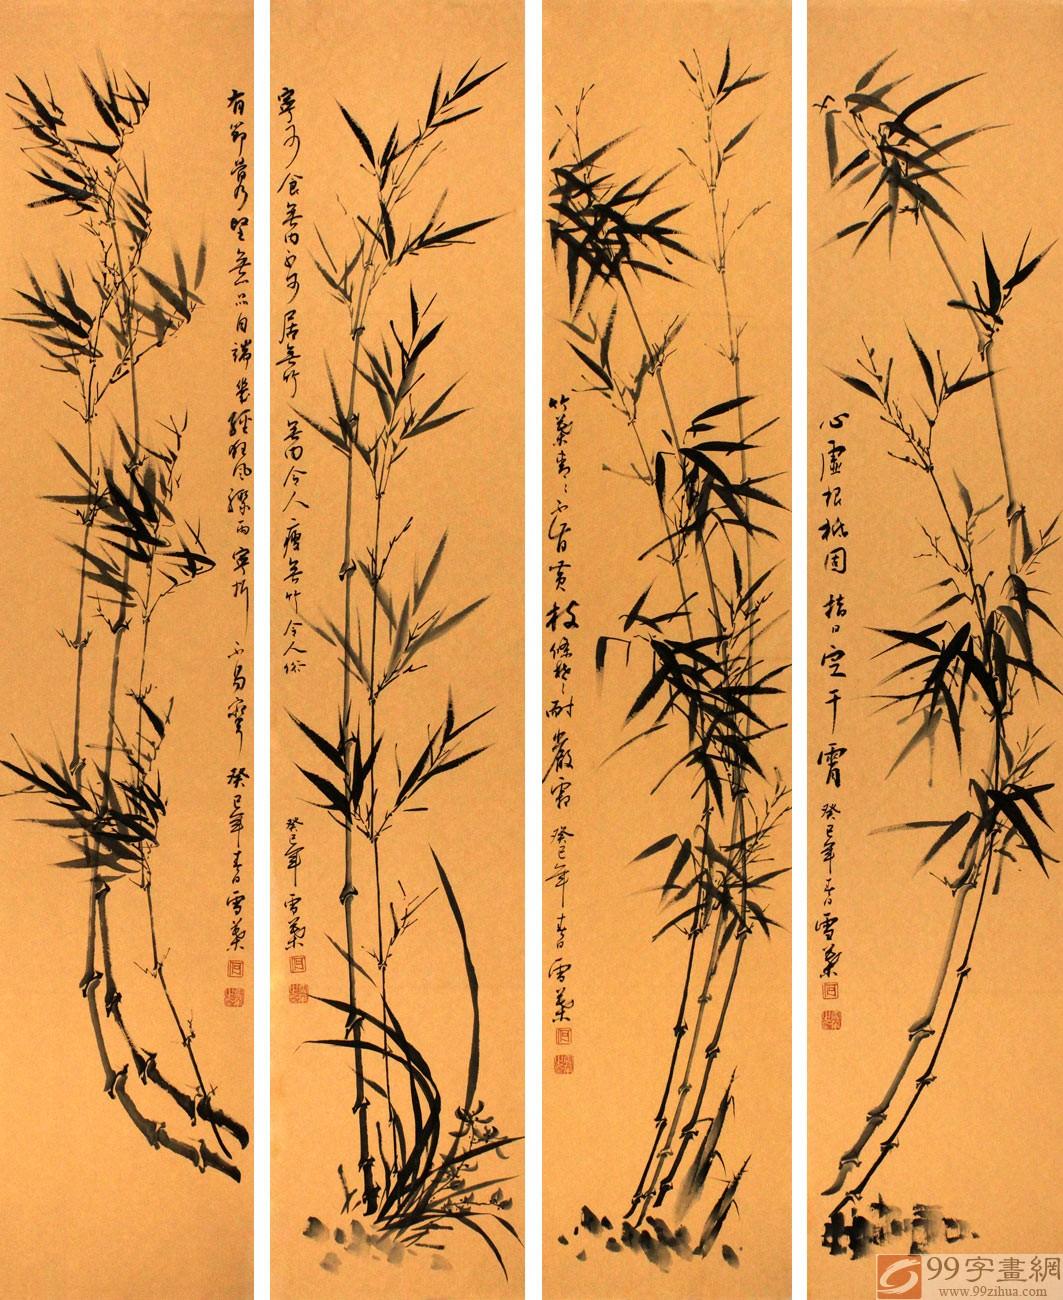 竹子空心,象征谦虚,品格虚心能自持,竹的特质弯而不折,折而不断,象征